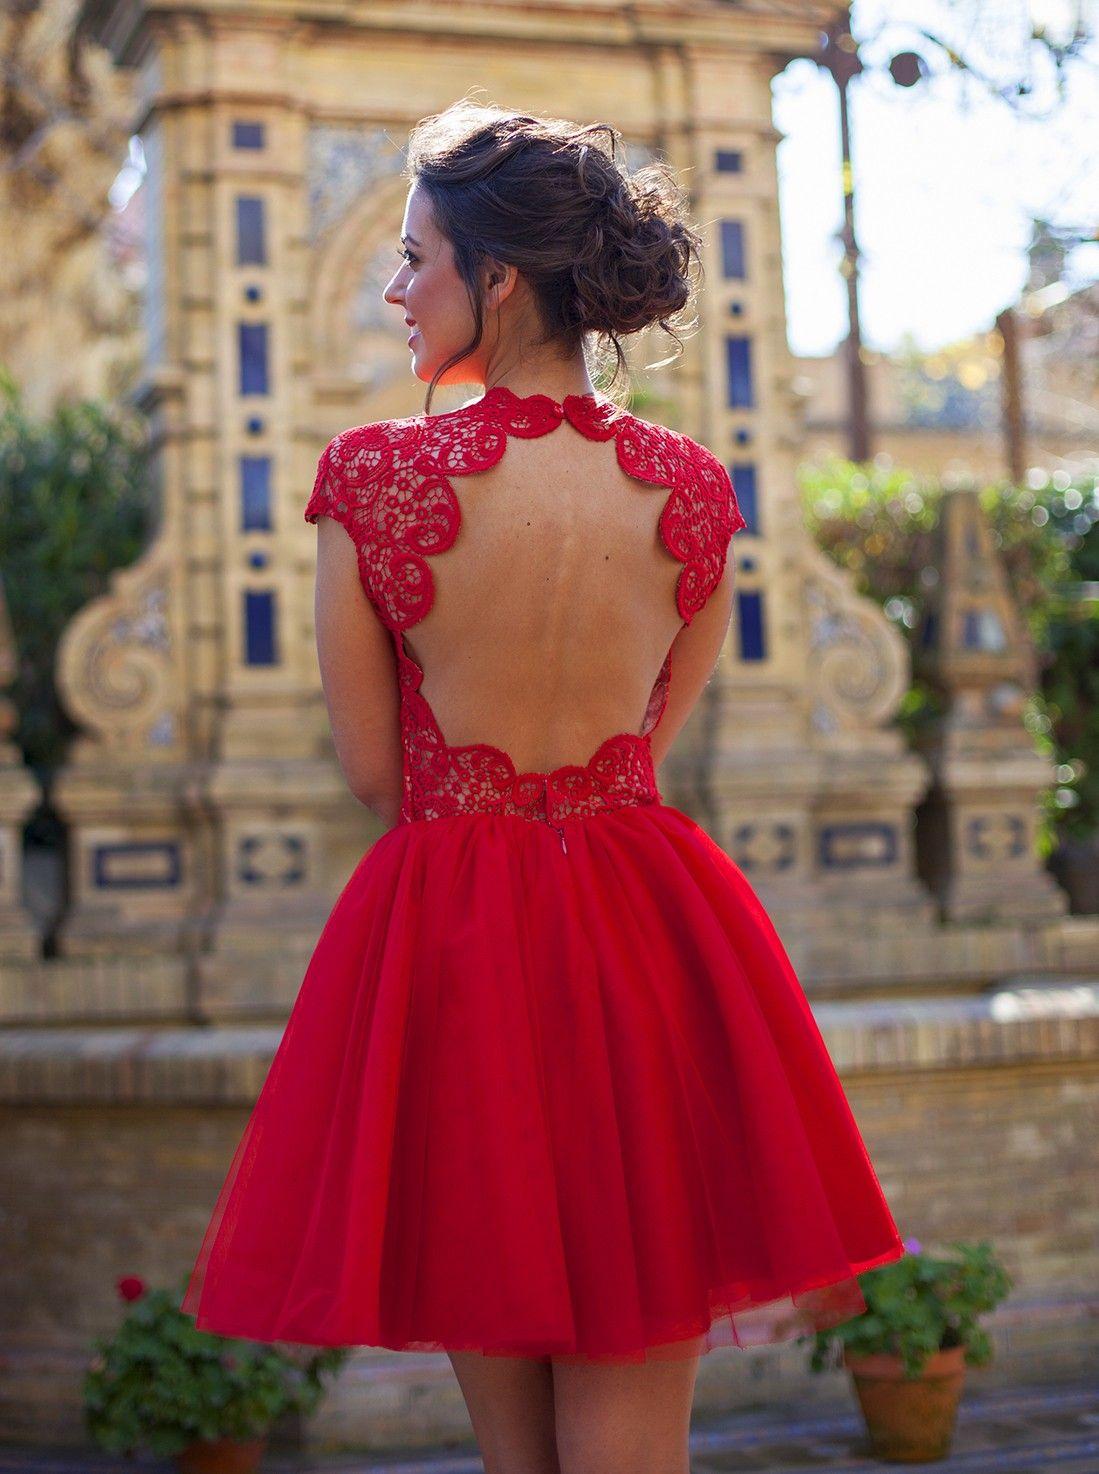 Vestido   Ropa   Pinterest   Kleider, Mode für Frauen und Für frauen